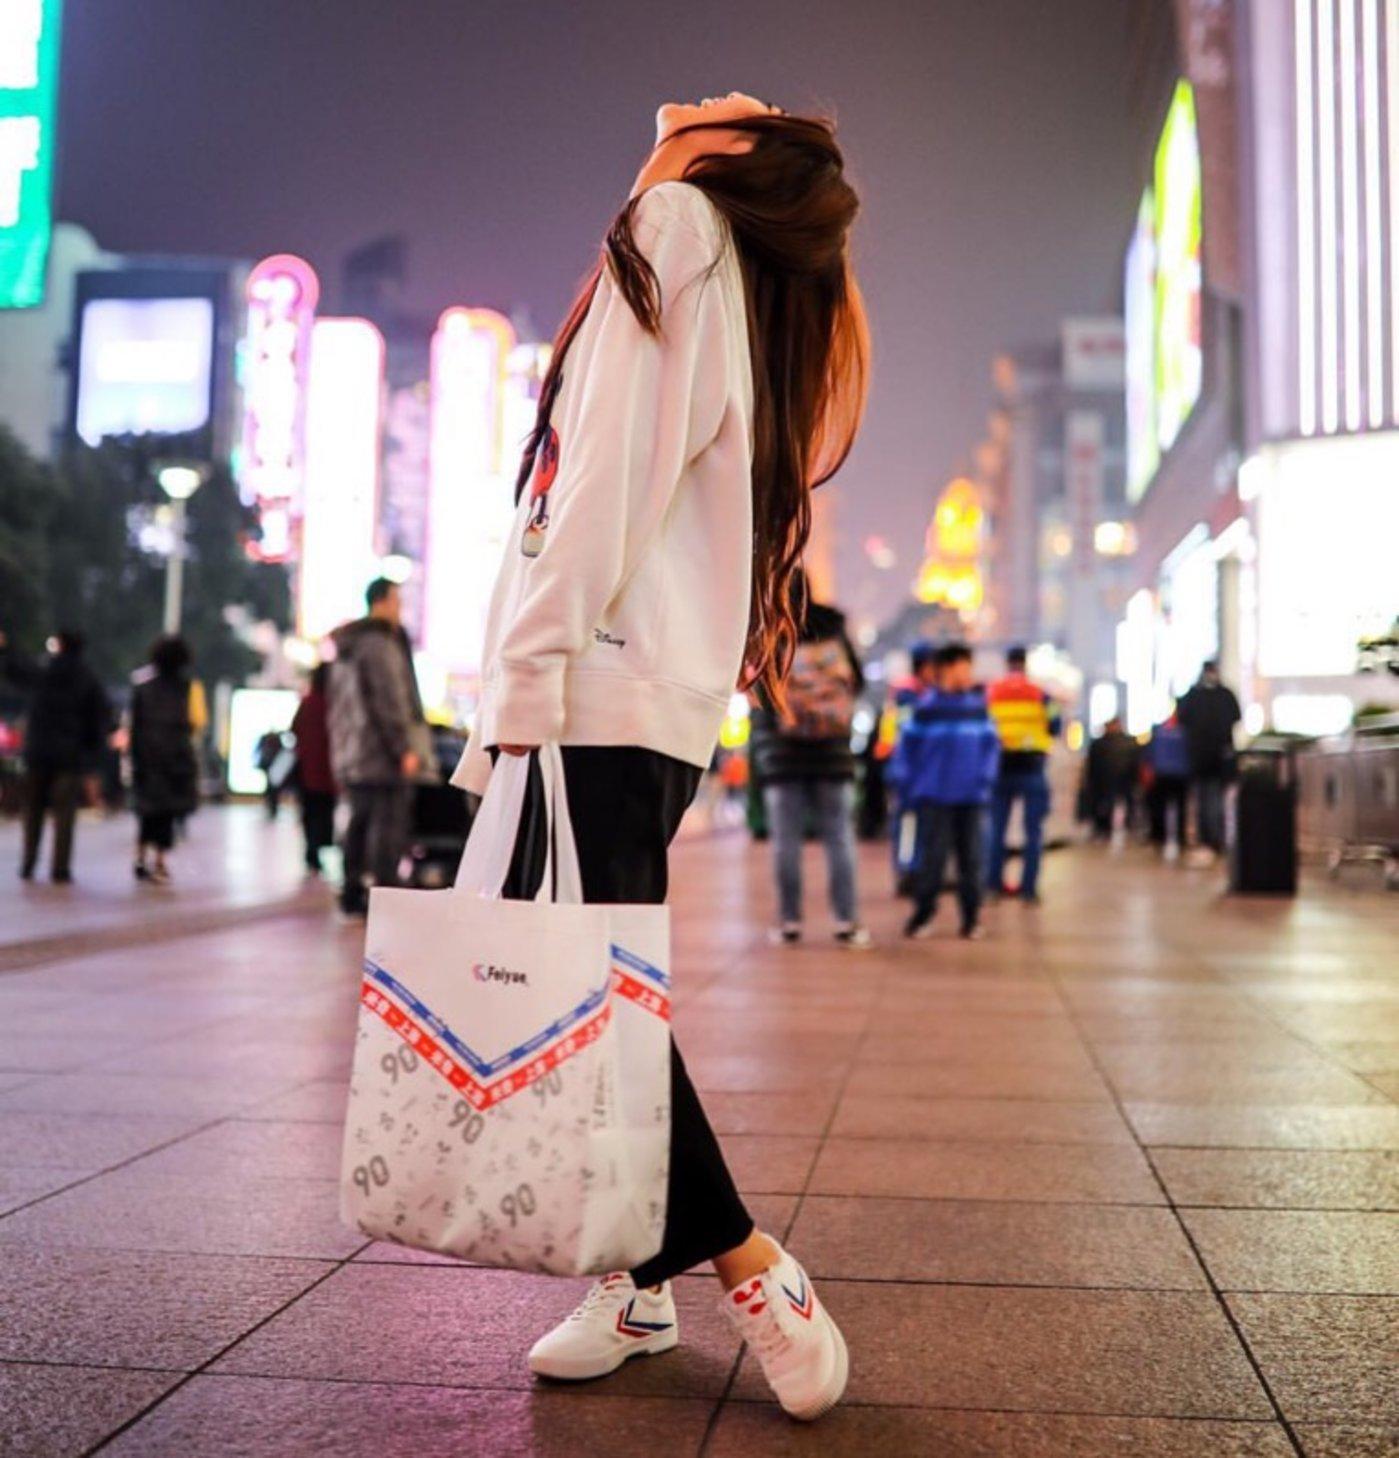 上海街头,穿着飞跃的年轻人